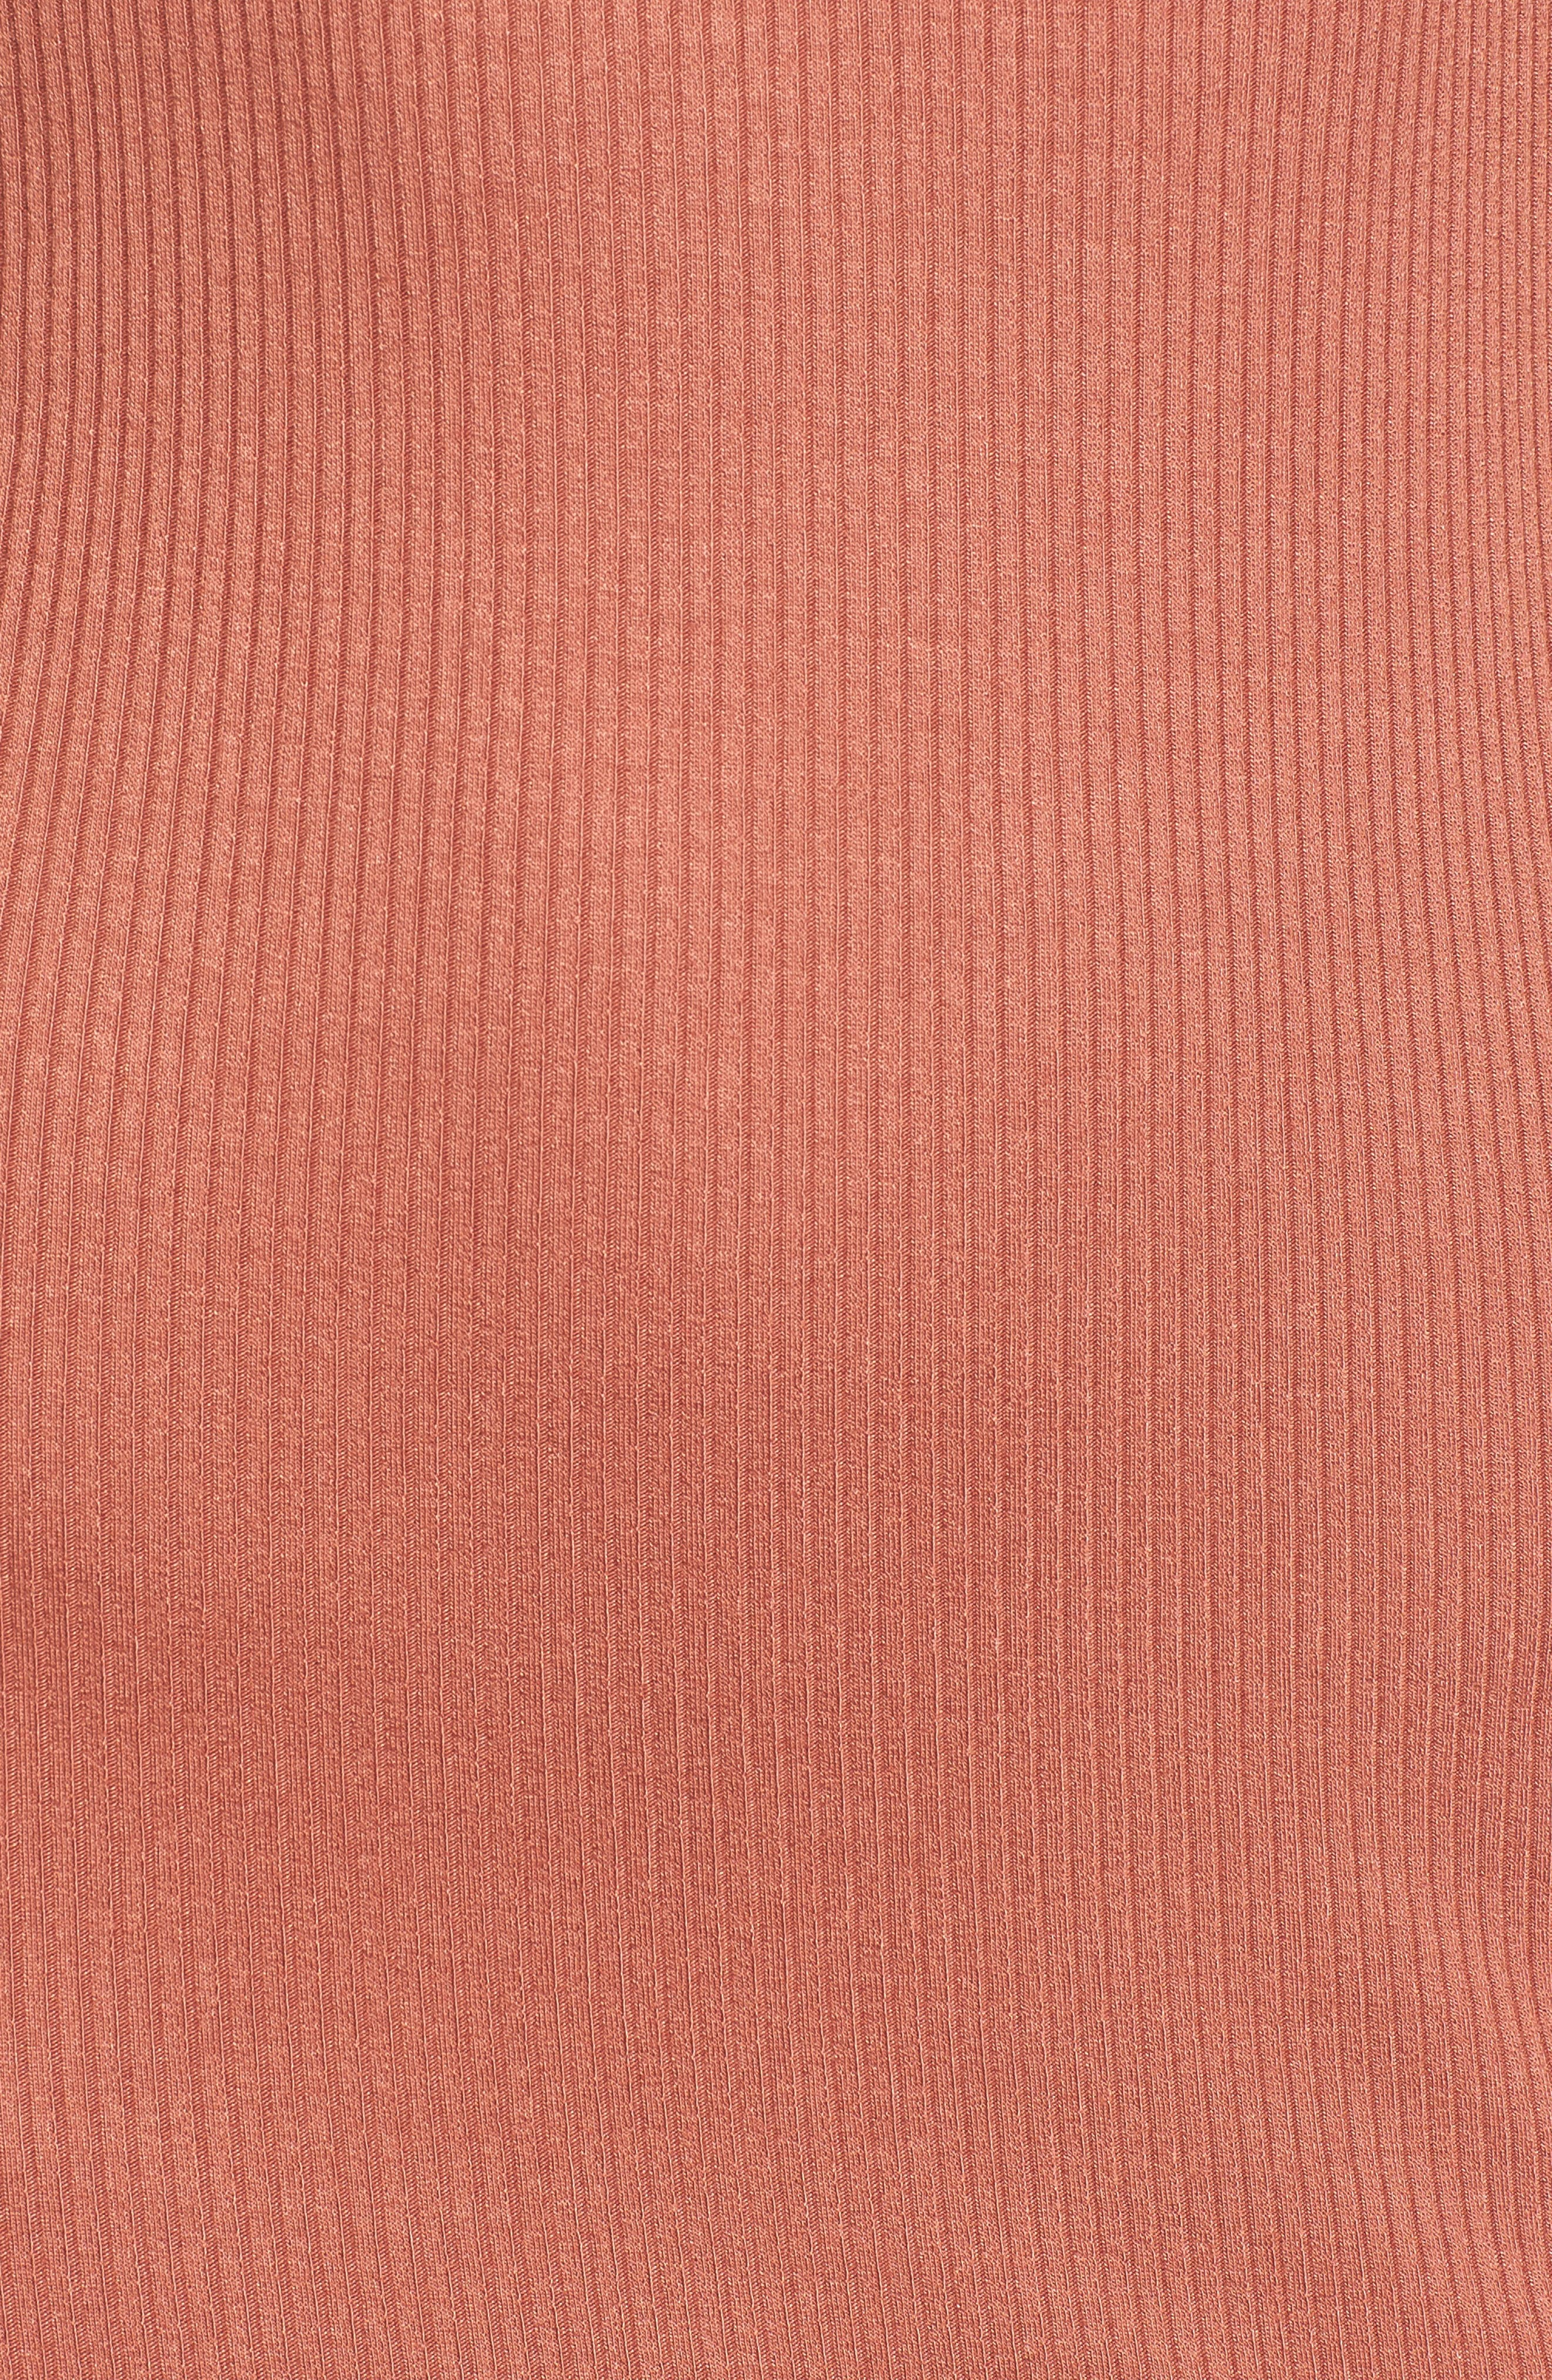 Rib Tank Dress,                             Alternate thumbnail 13, color,